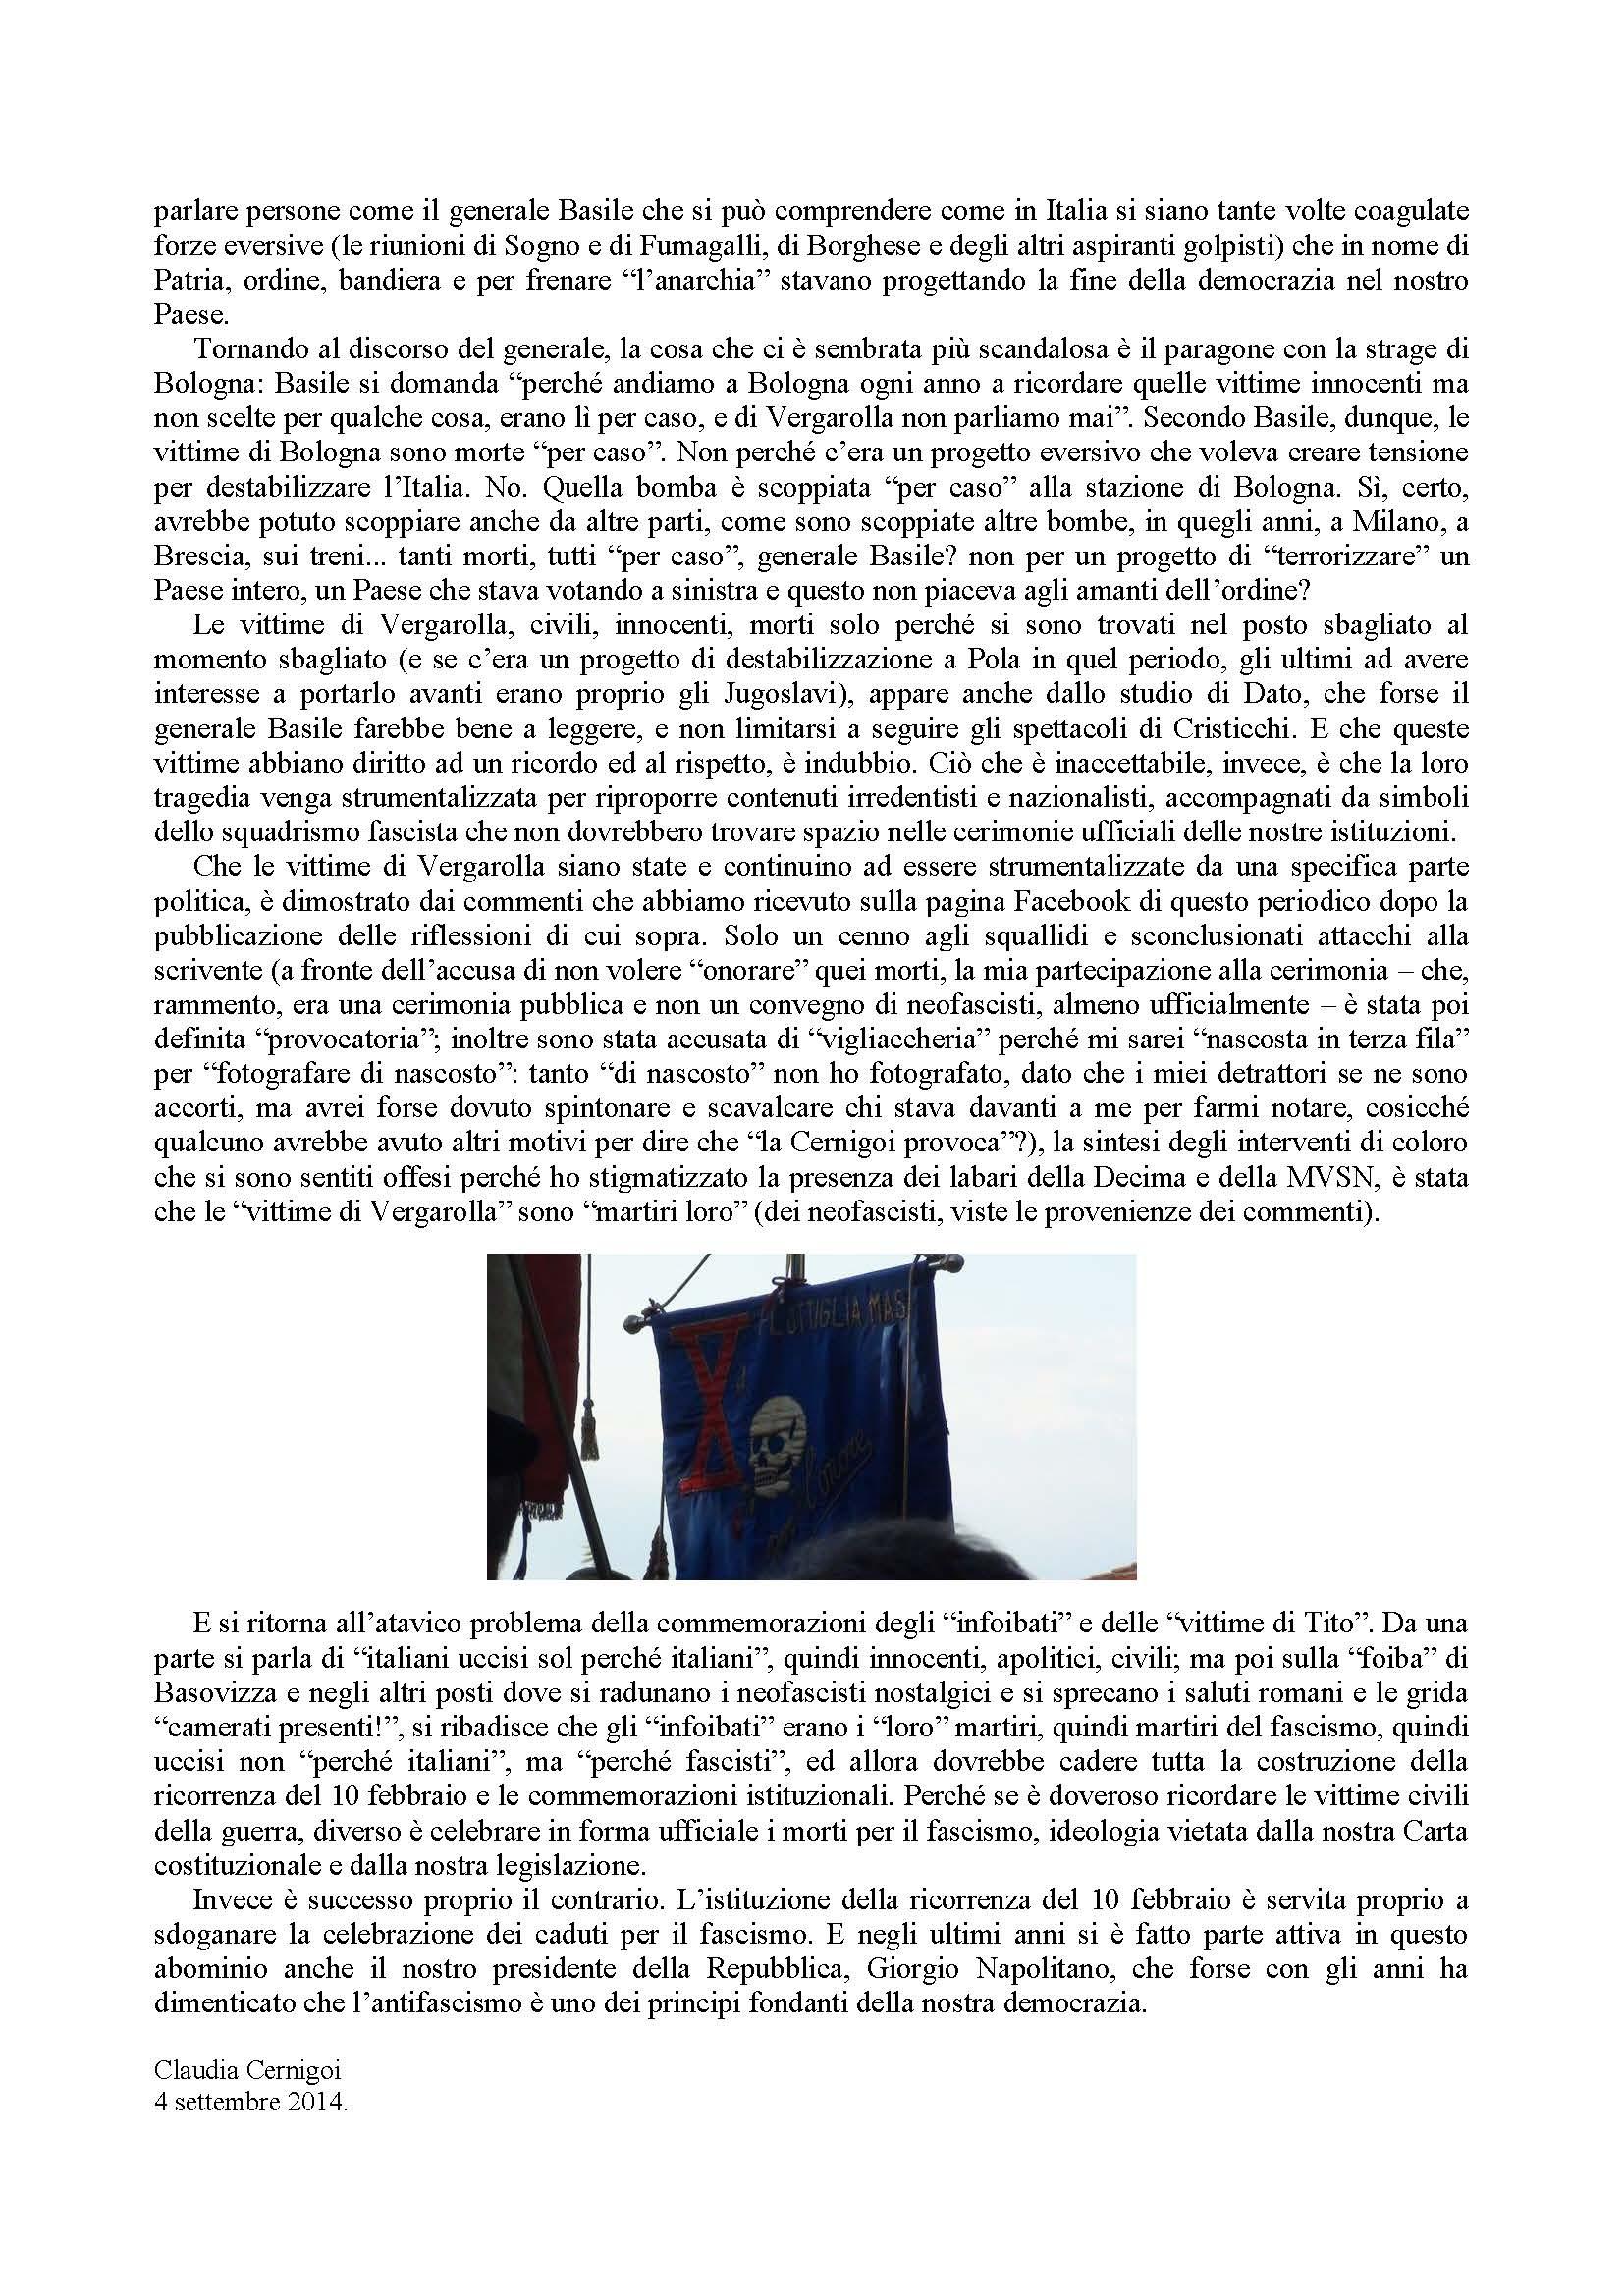 Commemorazione-delle-vittime-di-Vergarolla-a-Trieste-2014._Page_3